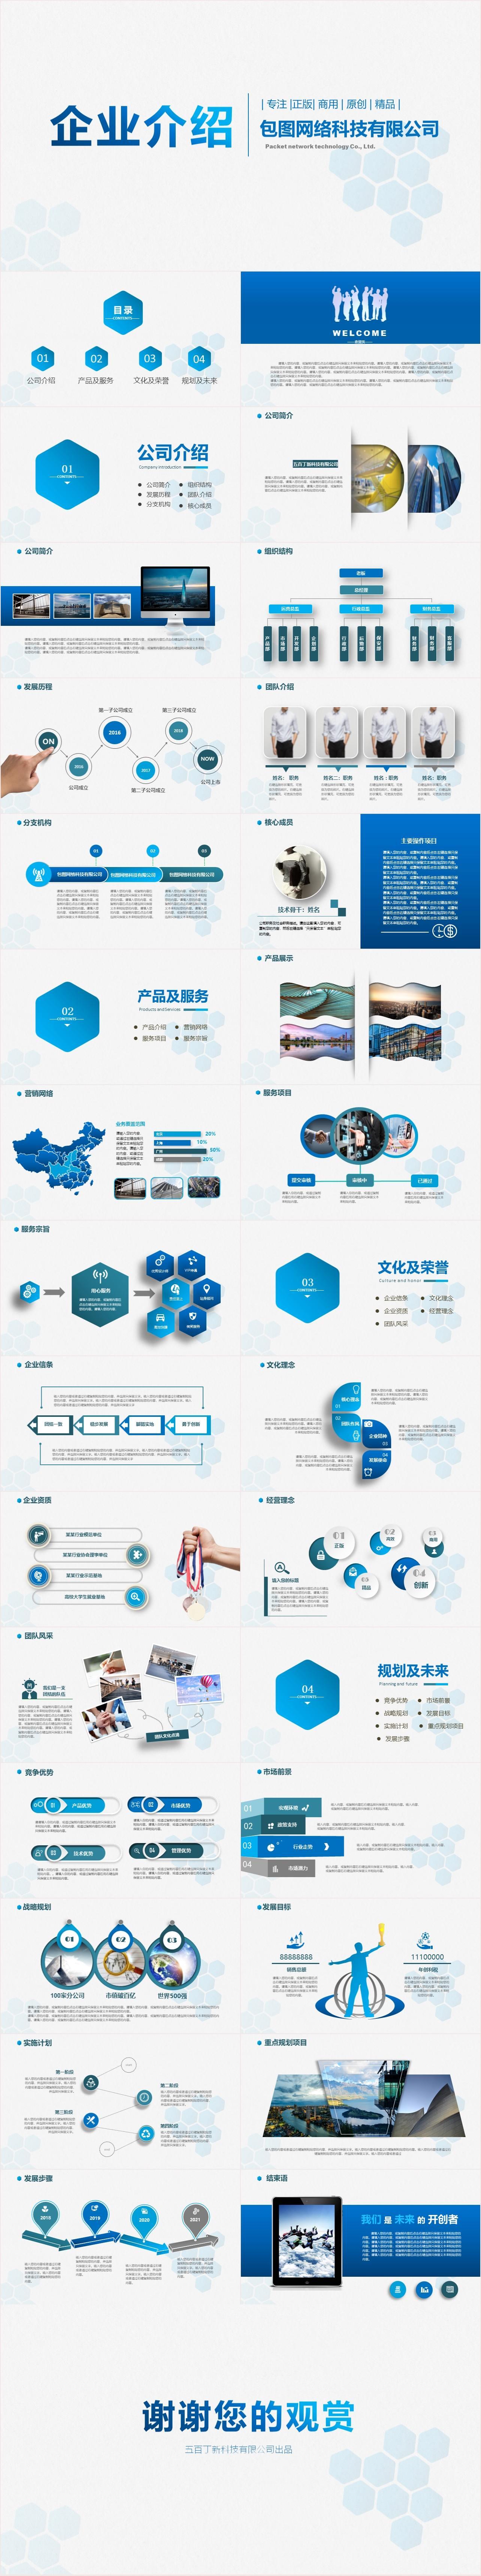 CL0103 企業宣傳PPT 科技PPT 互聯網PPT